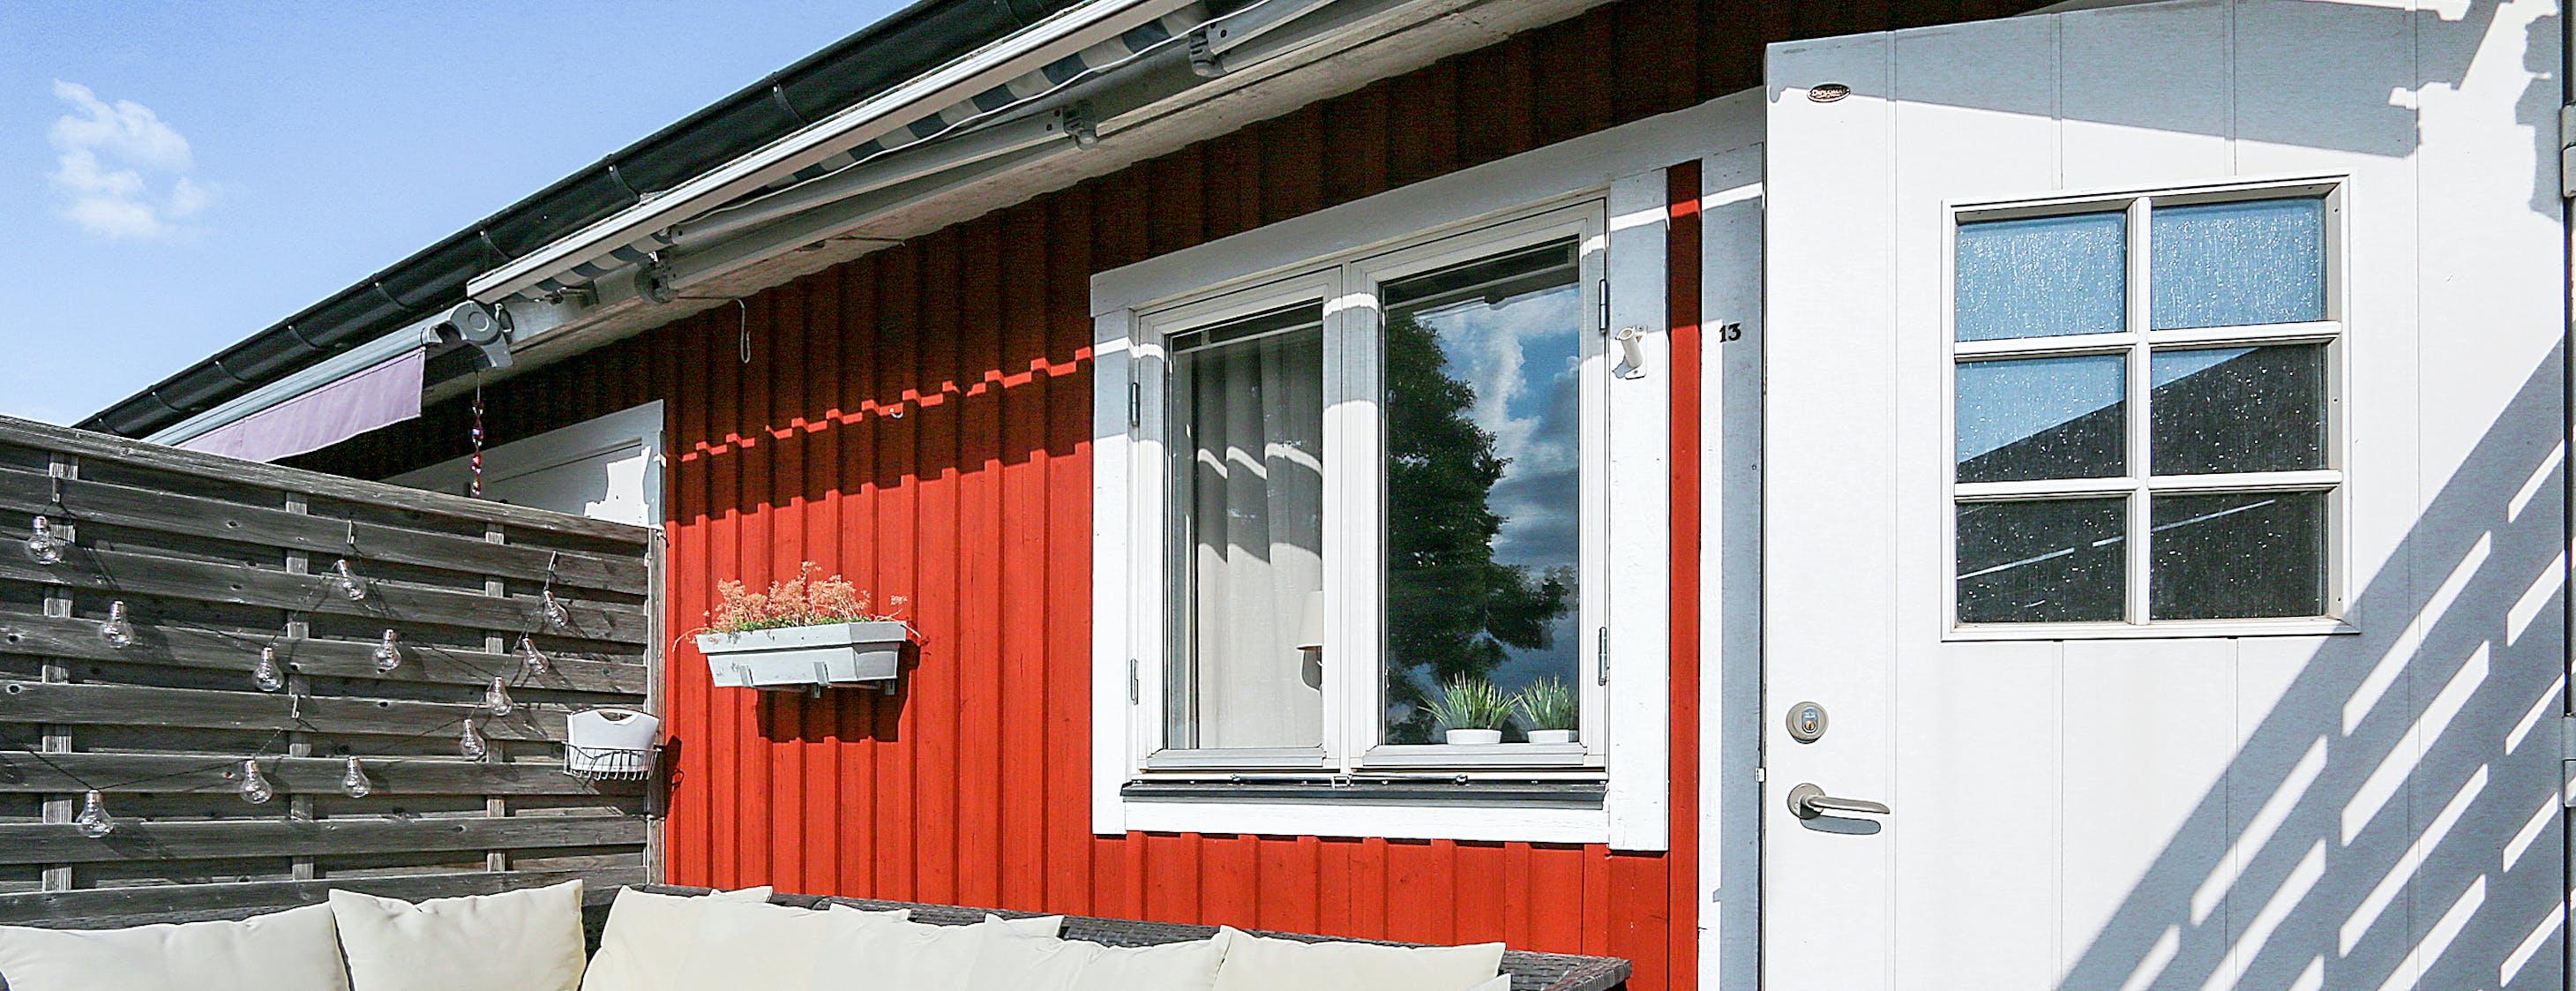 Köpingevägen 25 Köpingsvik